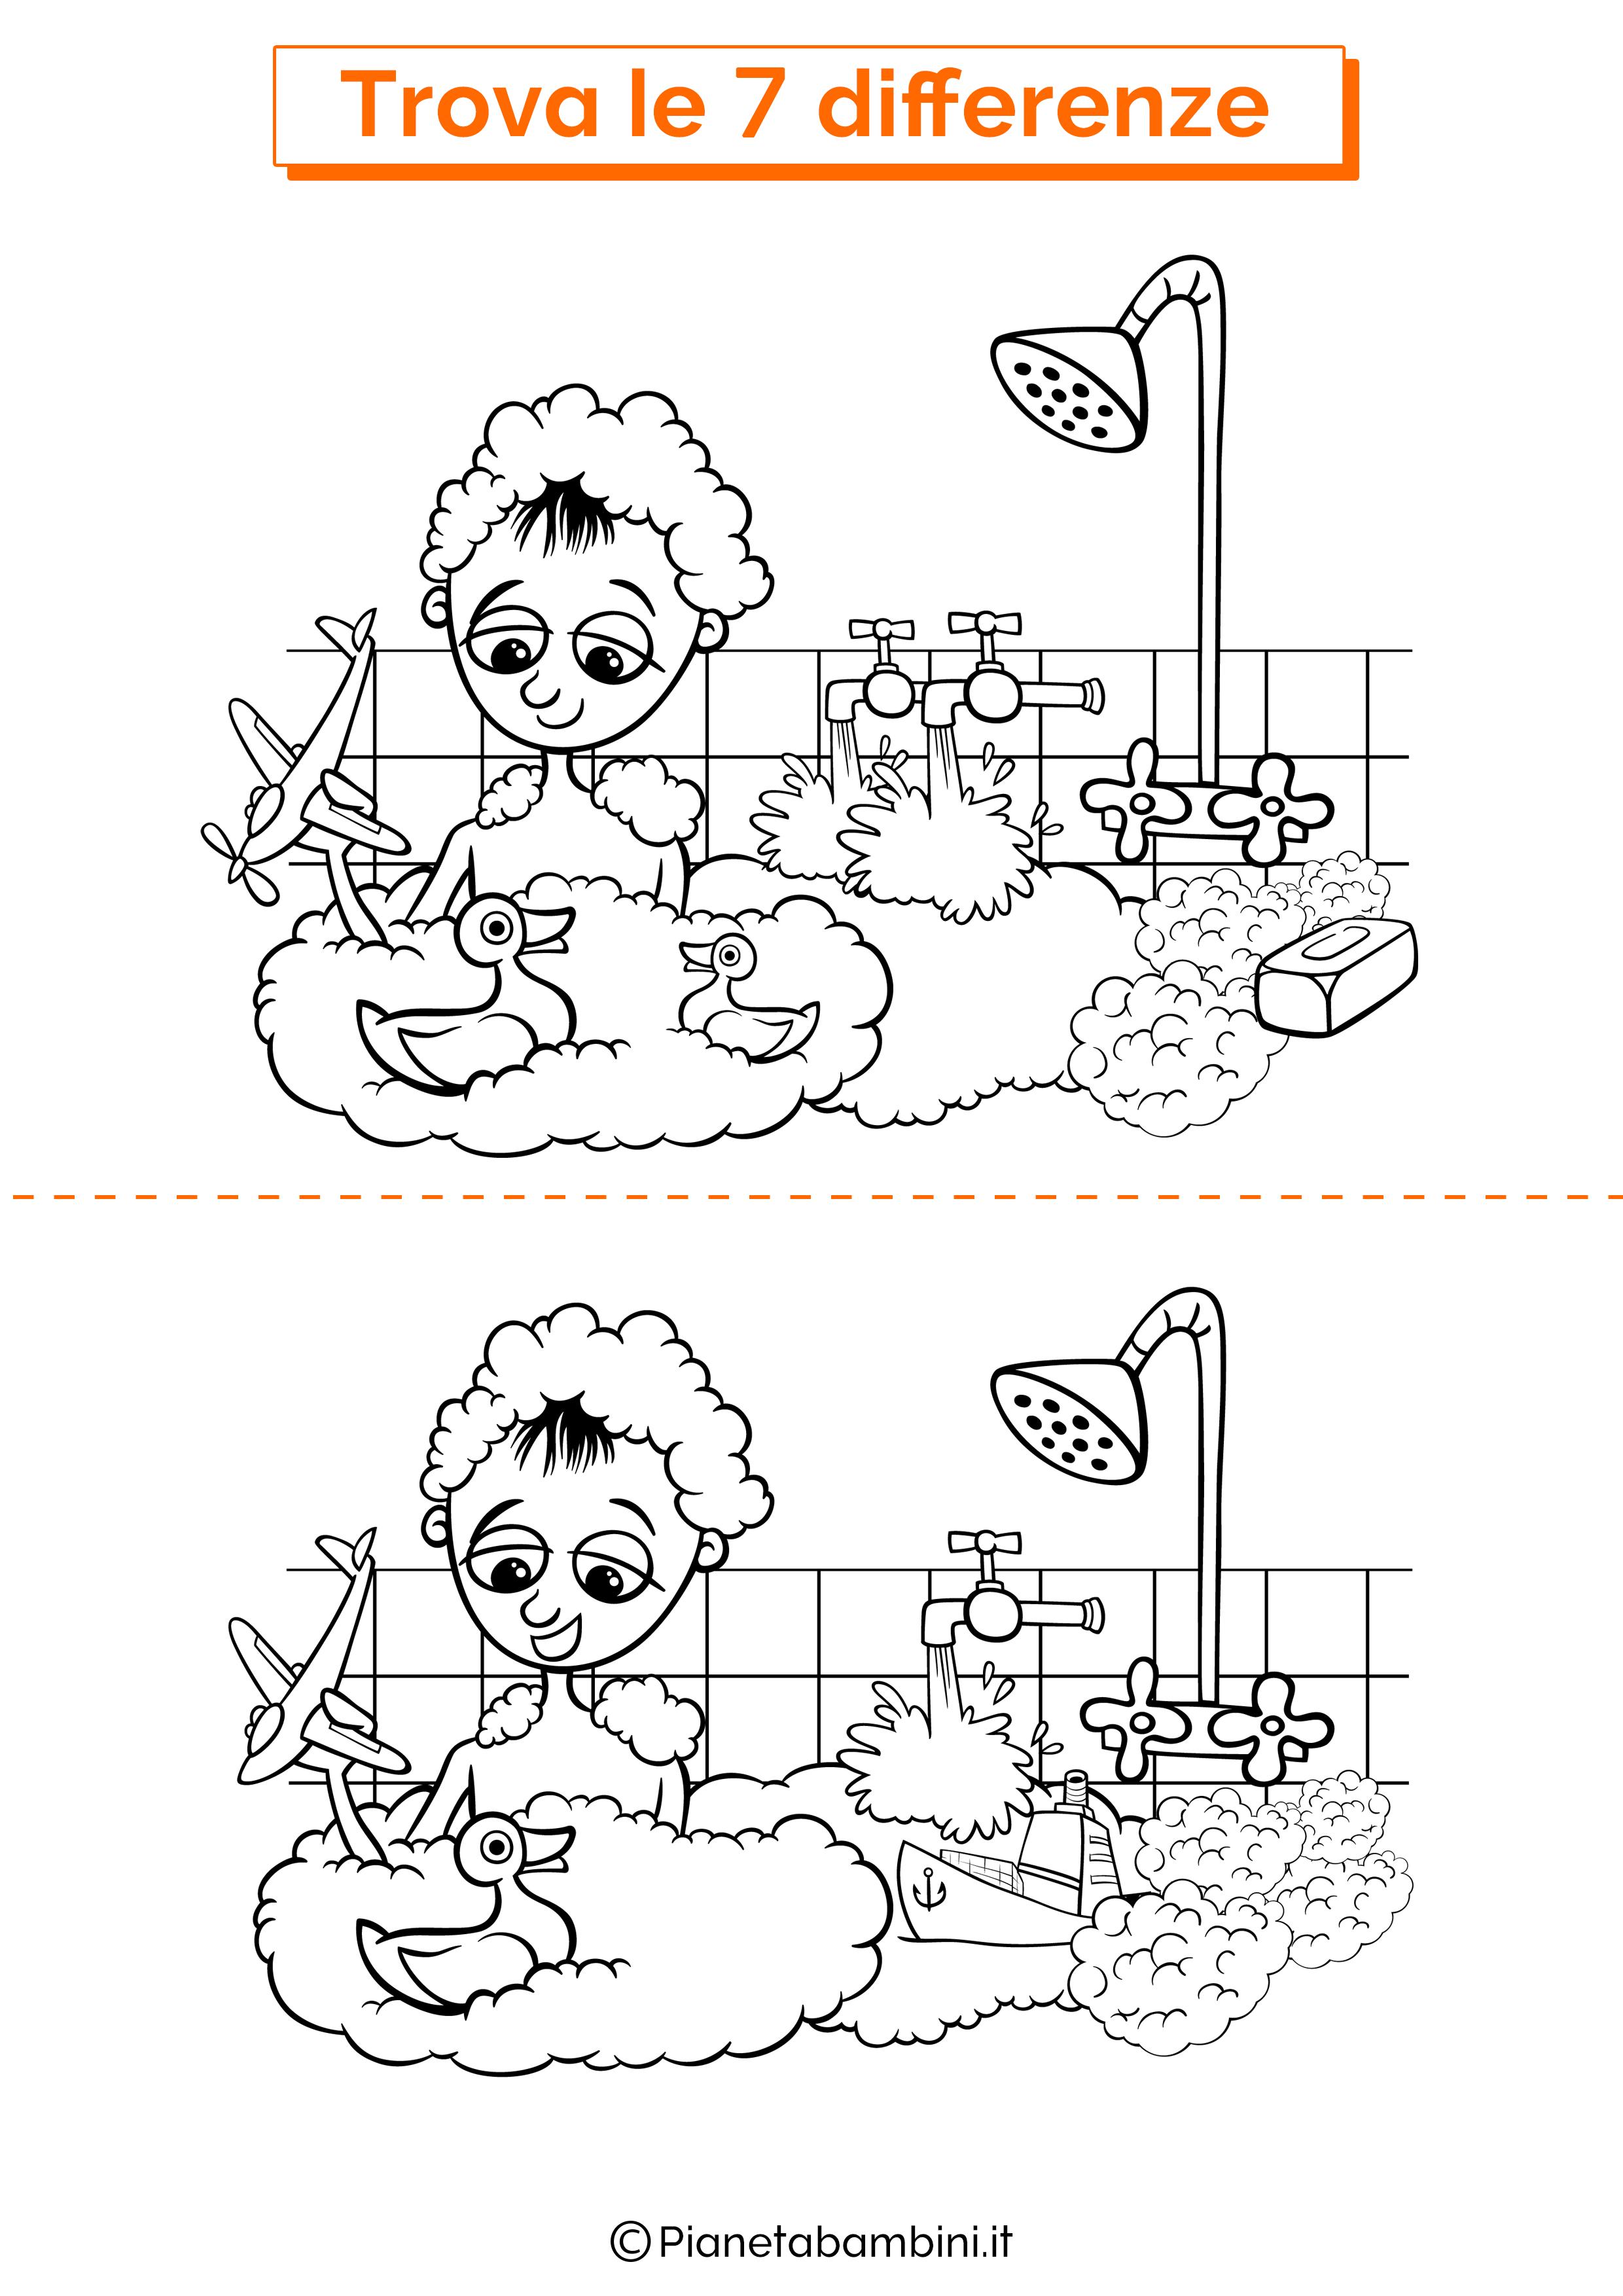 Disegno trova 7 differenze bambino bagnetto